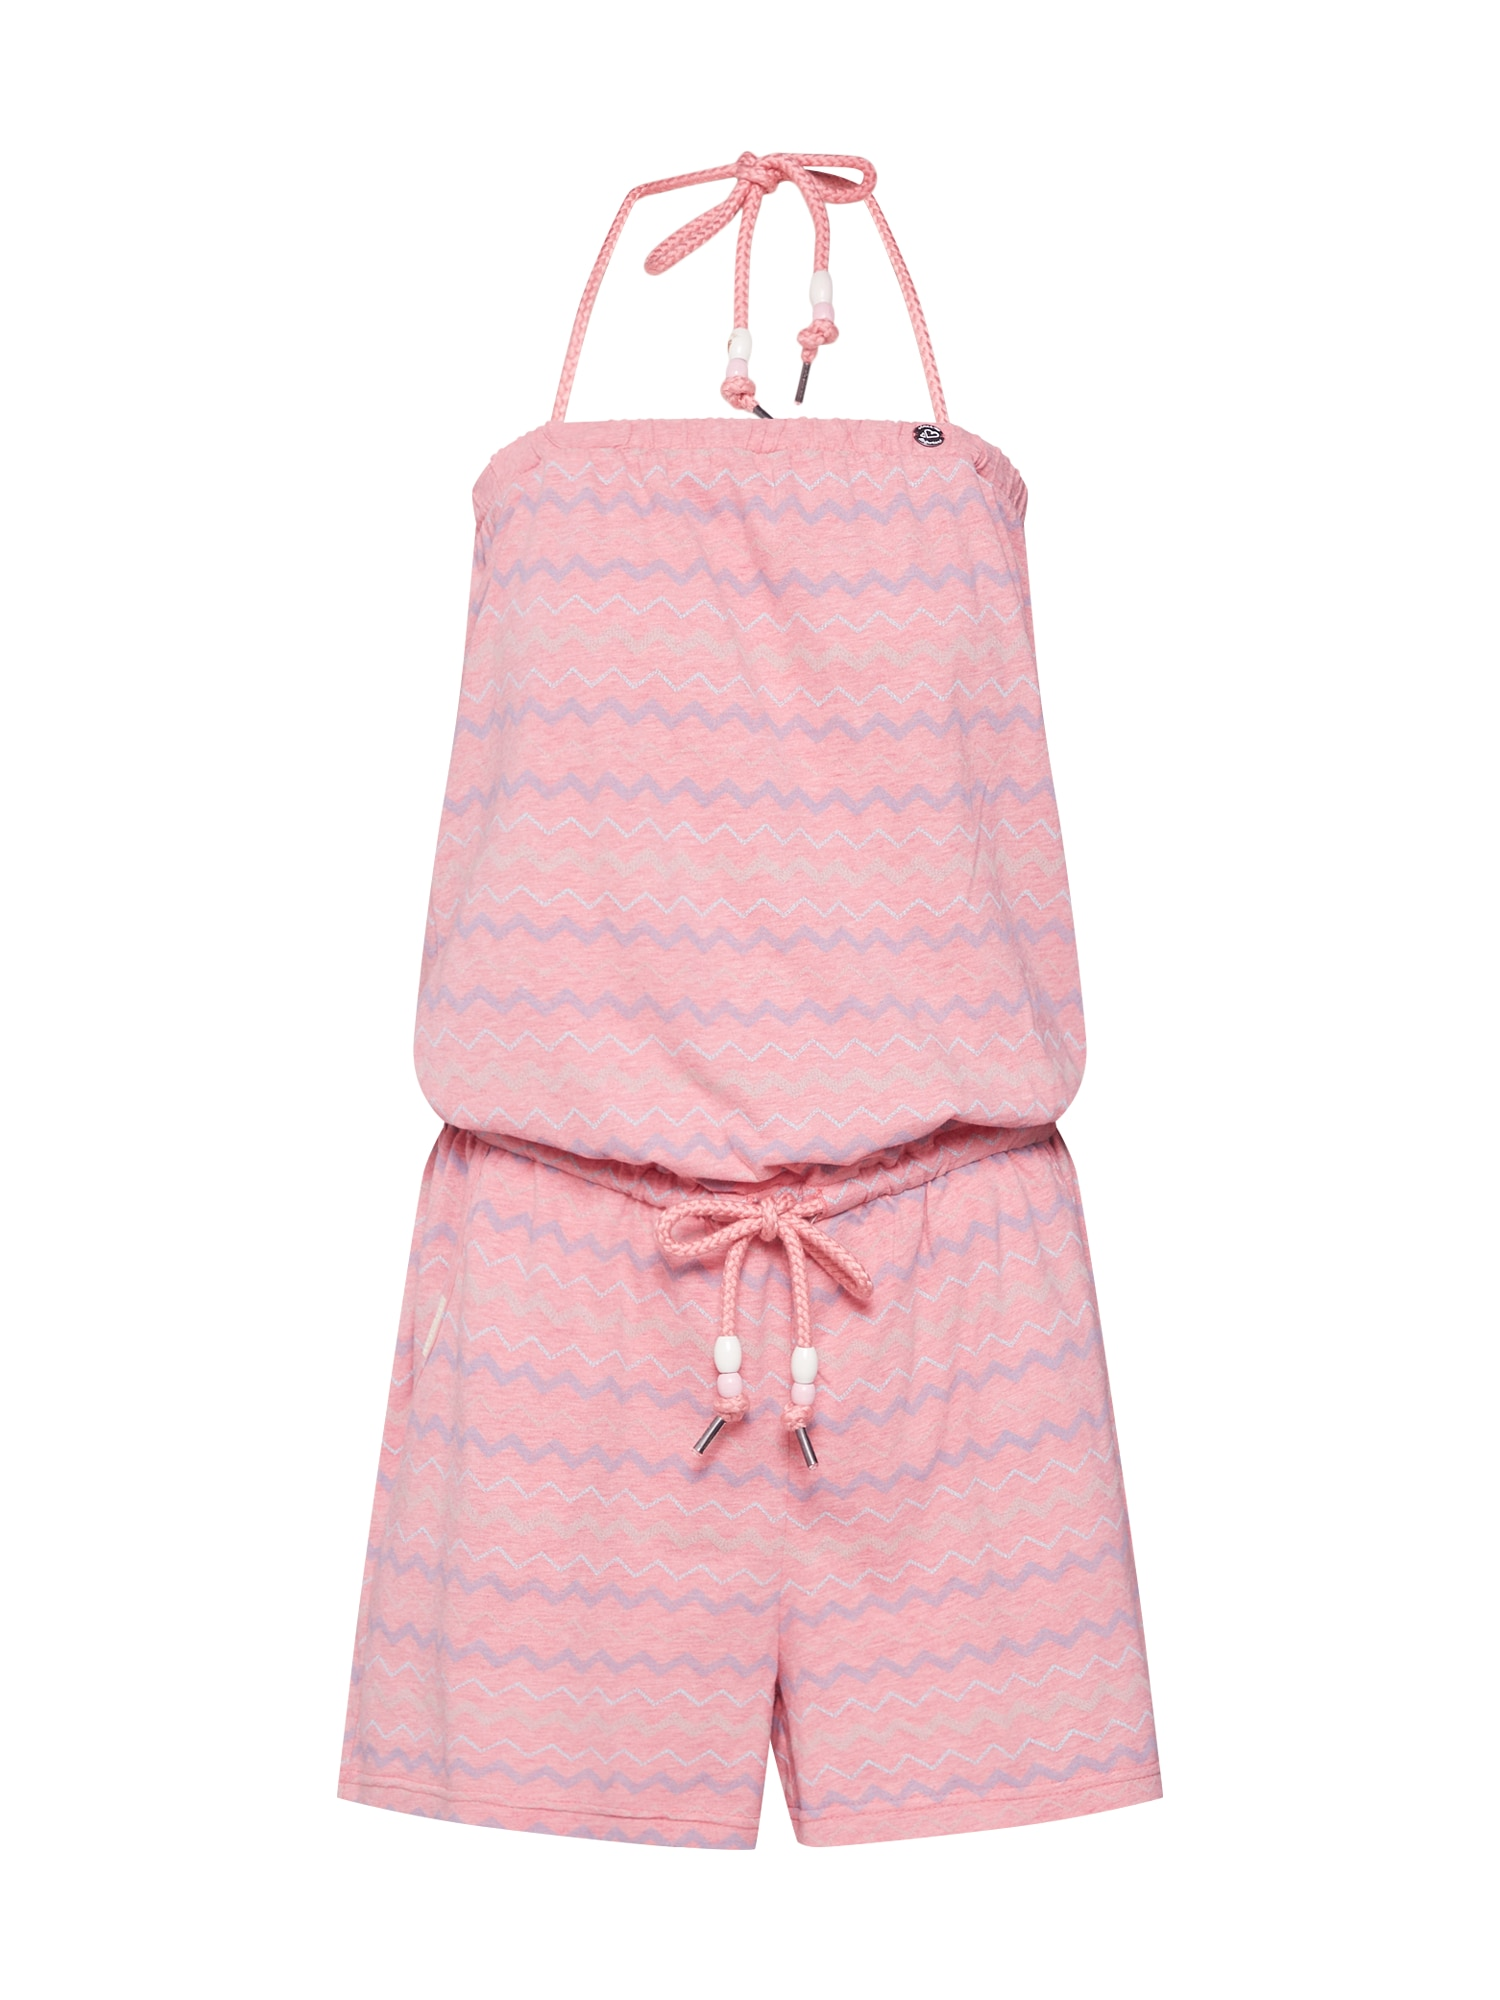 Ragwear Salopeta 'Lamba'  culori mixte / roz